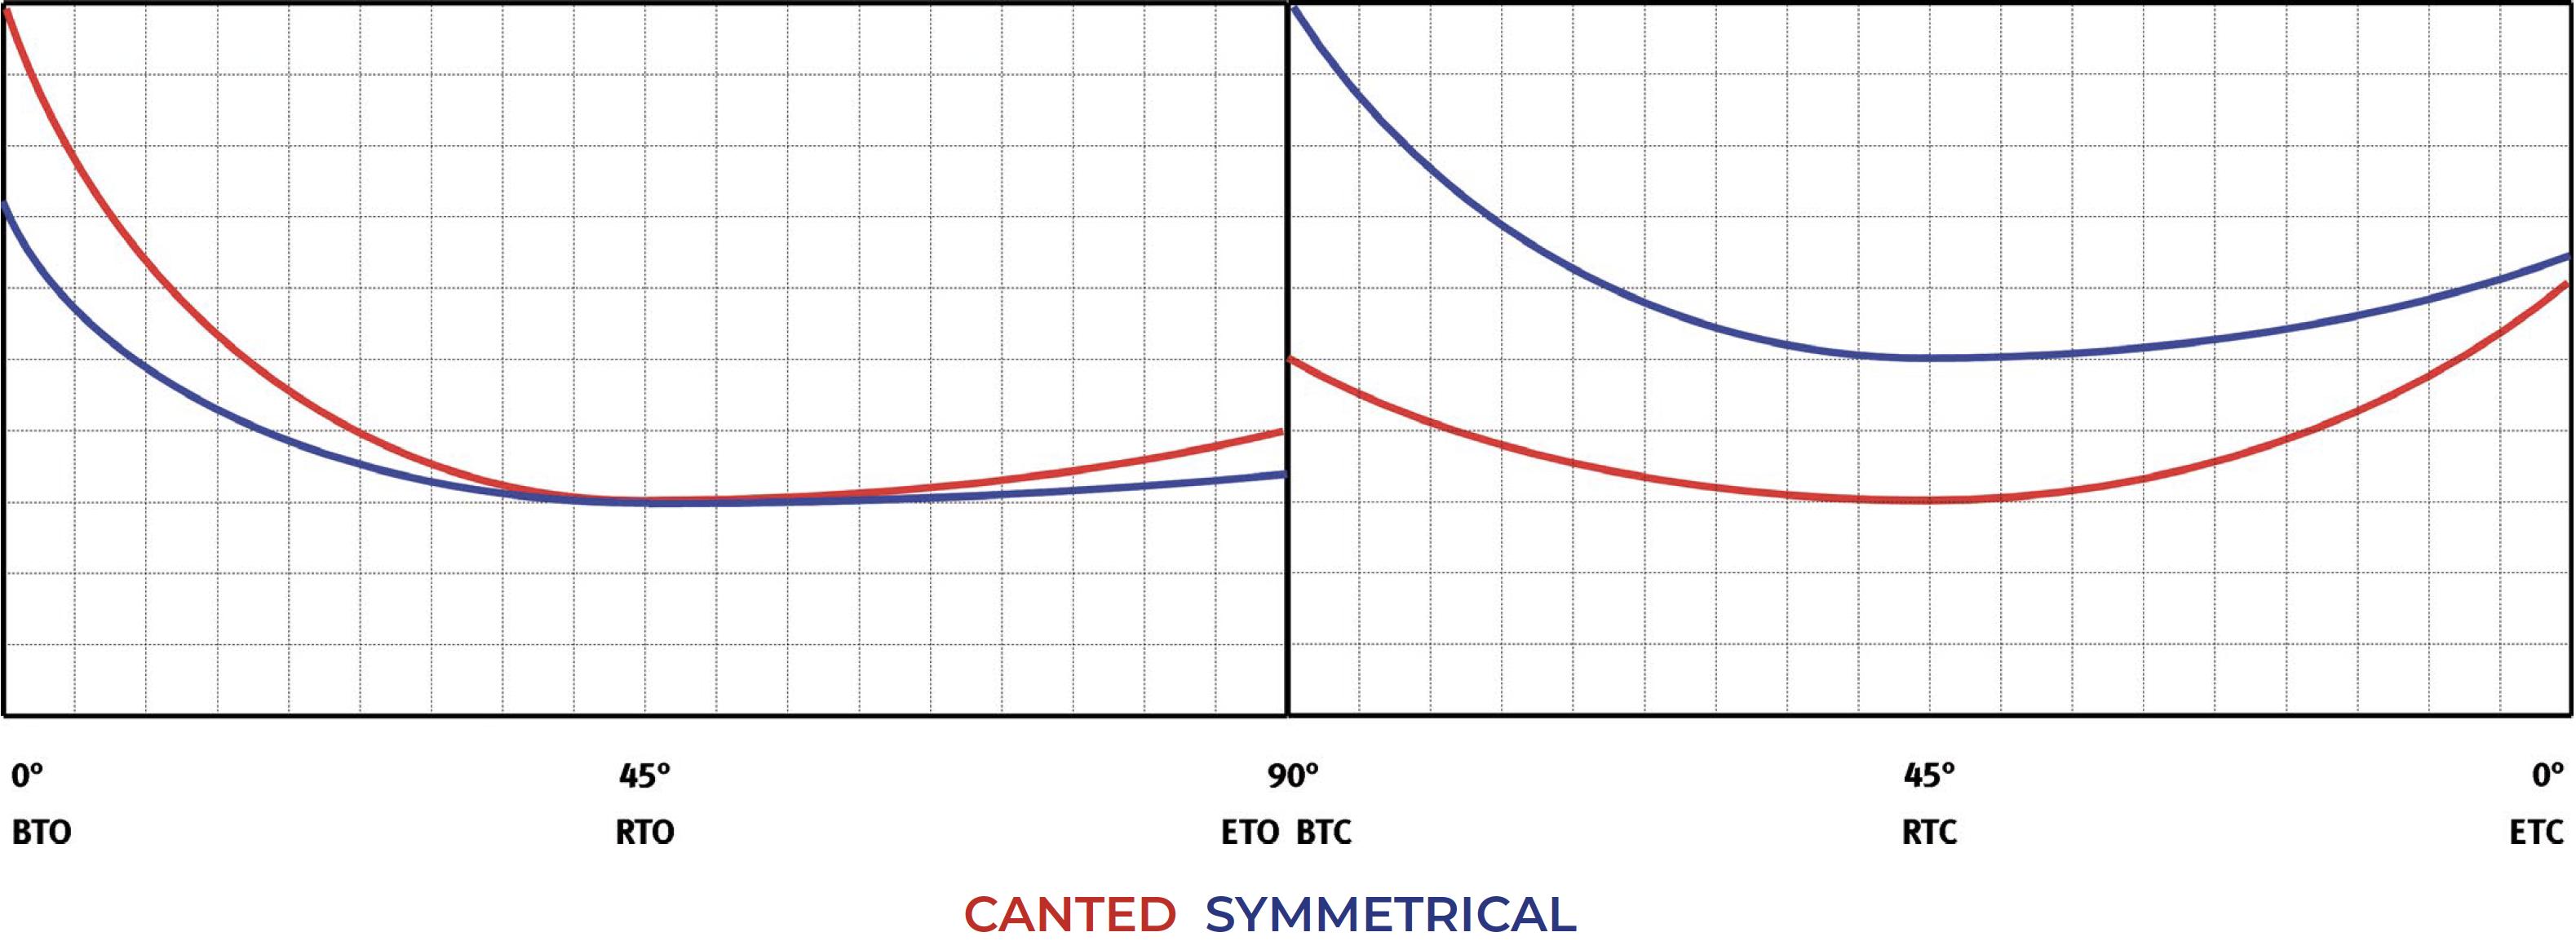 Tek etkili pnömatik aktüatör GS Heavy Duty karbon çeliği - şemalar ve başlangıç momentleri - Tek etki normalde kapalı – Moment tablosu (dönme momentleri)